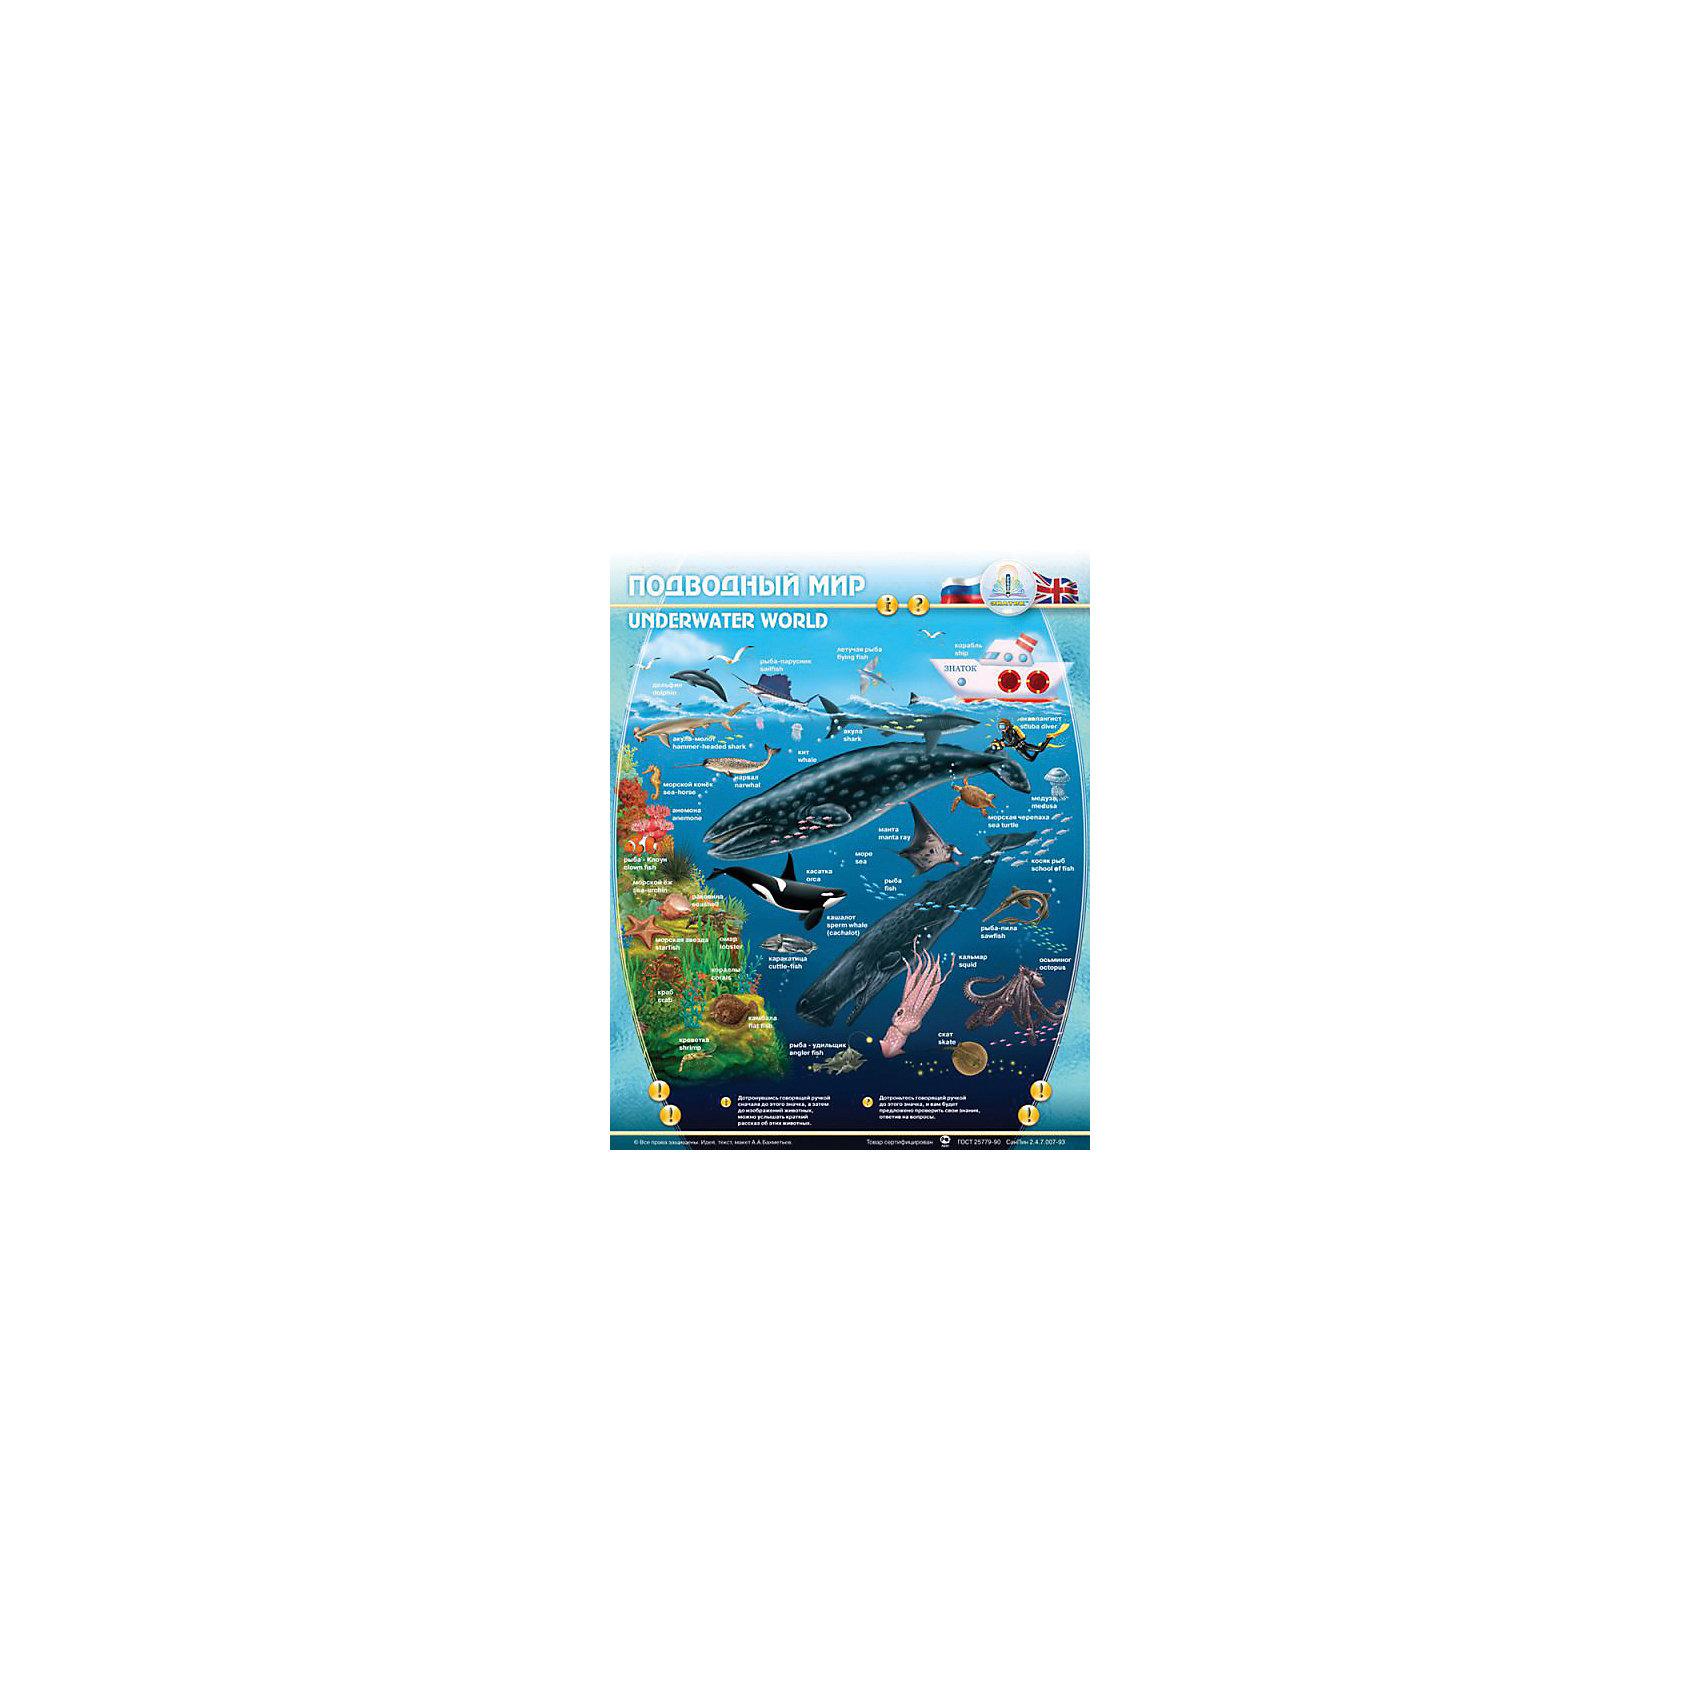 Электронный звуковой плакат Подводный МирЭлектронный звуковой плакат Подводный Мир, Знаток<br><br>Характеристики:<br><br>• расскажет малышу о жителях подводного мира<br>• 2 режима игры: пояснение и экзамен<br>• сенсорные кнопки<br>• регулируемая громкость<br>• материал: пластик, ПВХ<br>• размер плаката: 47х58,5 см<br>• размер упаковки: 50х24х4 см<br>• вес: 415 грамм<br>• батарейки: ААА - 3 шт. (входят в комплект)<br><br>Звуковой плакат Знаток - настоящий помощник в изучении подводного мира. Он расскажет о жителях подводного мира и звуках, которые они издают. После обучения малыш сможет проверить свои знания с помощью кнопки Экзамен. Плакат оснащен сенсорными кнопками, влагозащитной поверхностью и регулируемой громкостью. С этим плакатом ваш малыш с радостью получит новые знания!<br><br>Электронный звуковой плакат Подводный Мир, Знаток вы можете купить в нашем интернет-магазине.<br><br>Ширина мм: 230<br>Глубина мм: 40<br>Высота мм: 485<br>Вес г: 500<br>Возраст от месяцев: 36<br>Возраст до месяцев: 84<br>Пол: Унисекс<br>Возраст: Детский<br>SKU: 2403205